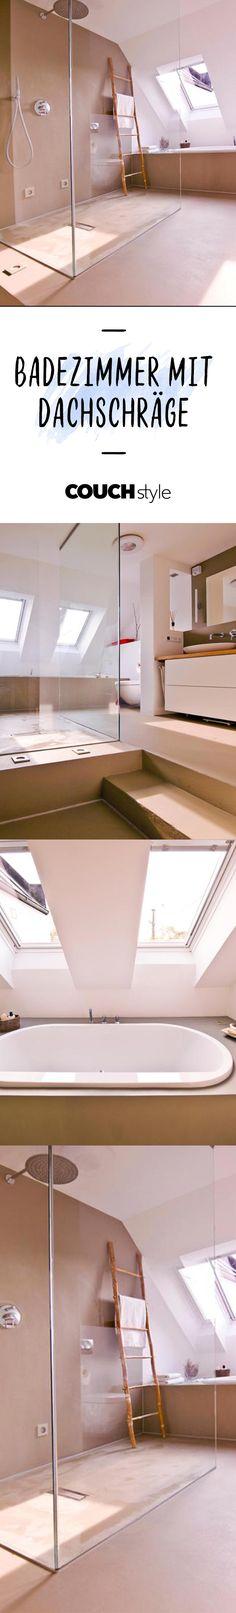 Badezimmer Mit Dachschräge? Auf COUCHstyle Findest Du Viele Ideen, Dein Bad  Geschickt Einzurichten!